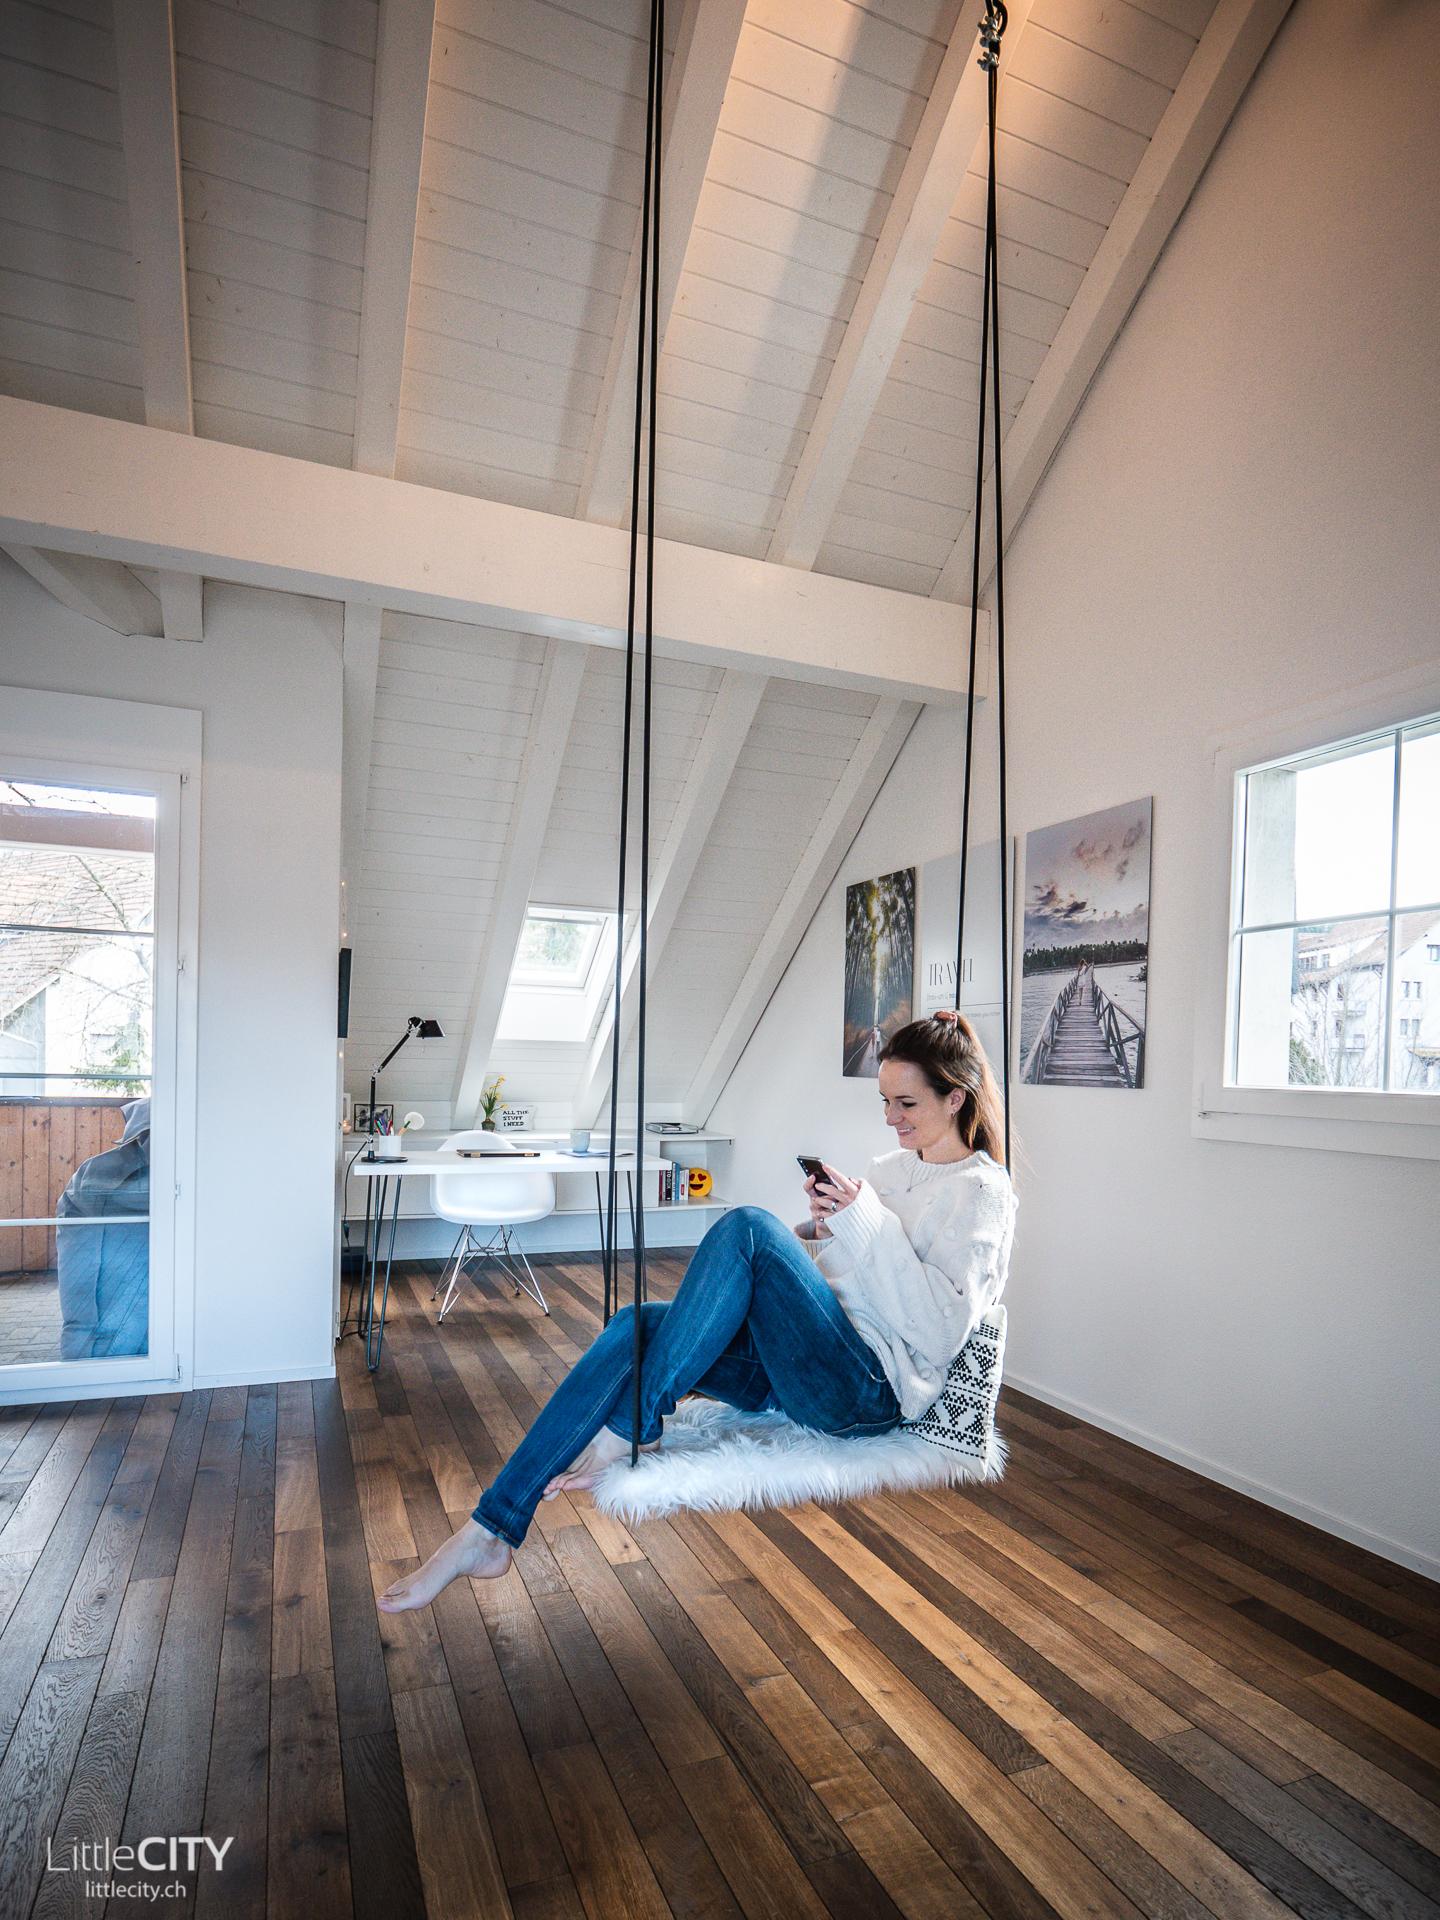 Büro Inspiration Indoor Schaukel für Erwachsene